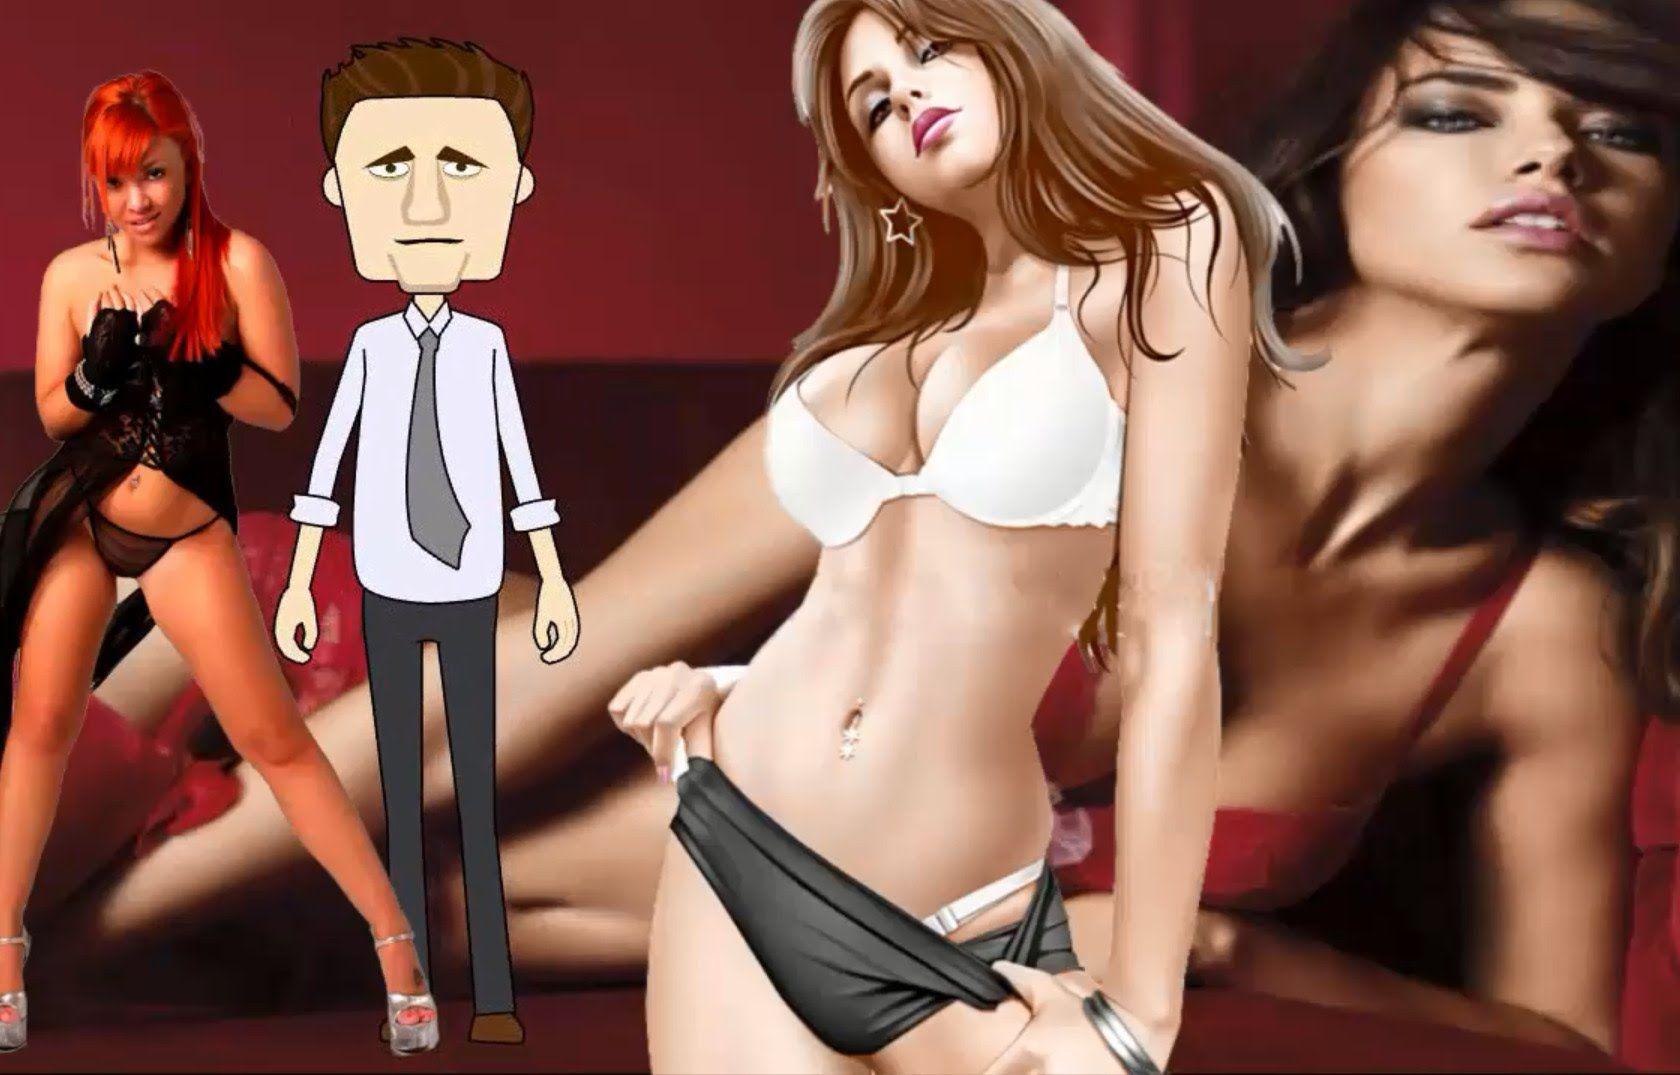 смешные эротические мультики девочка лилипут